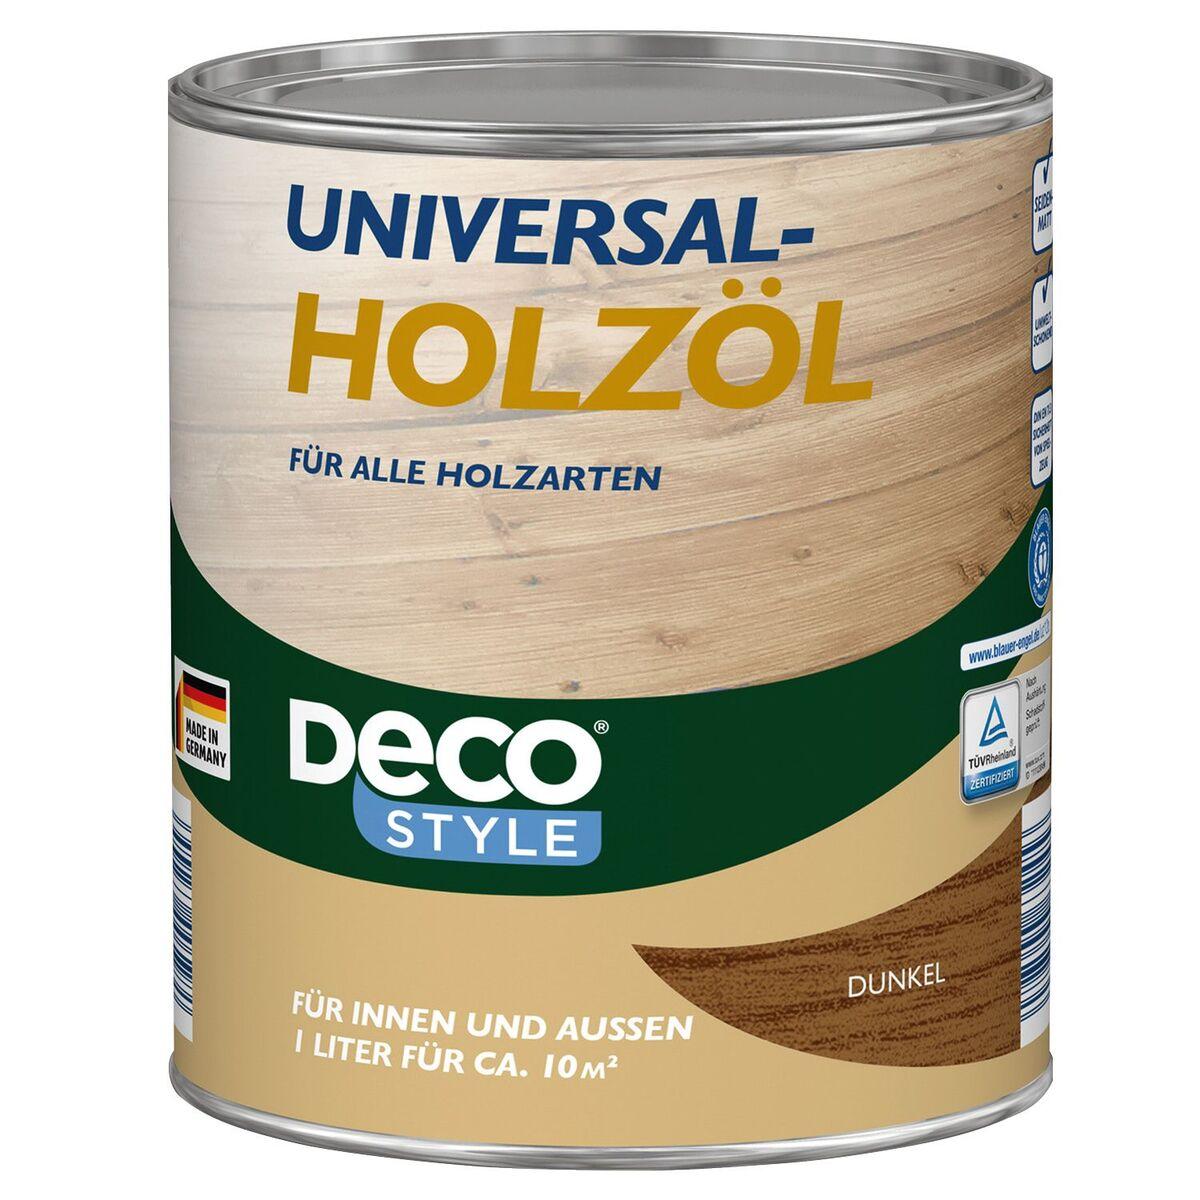 Bild 1 von DECO STYLE®  Universal-Holzöl 1 l